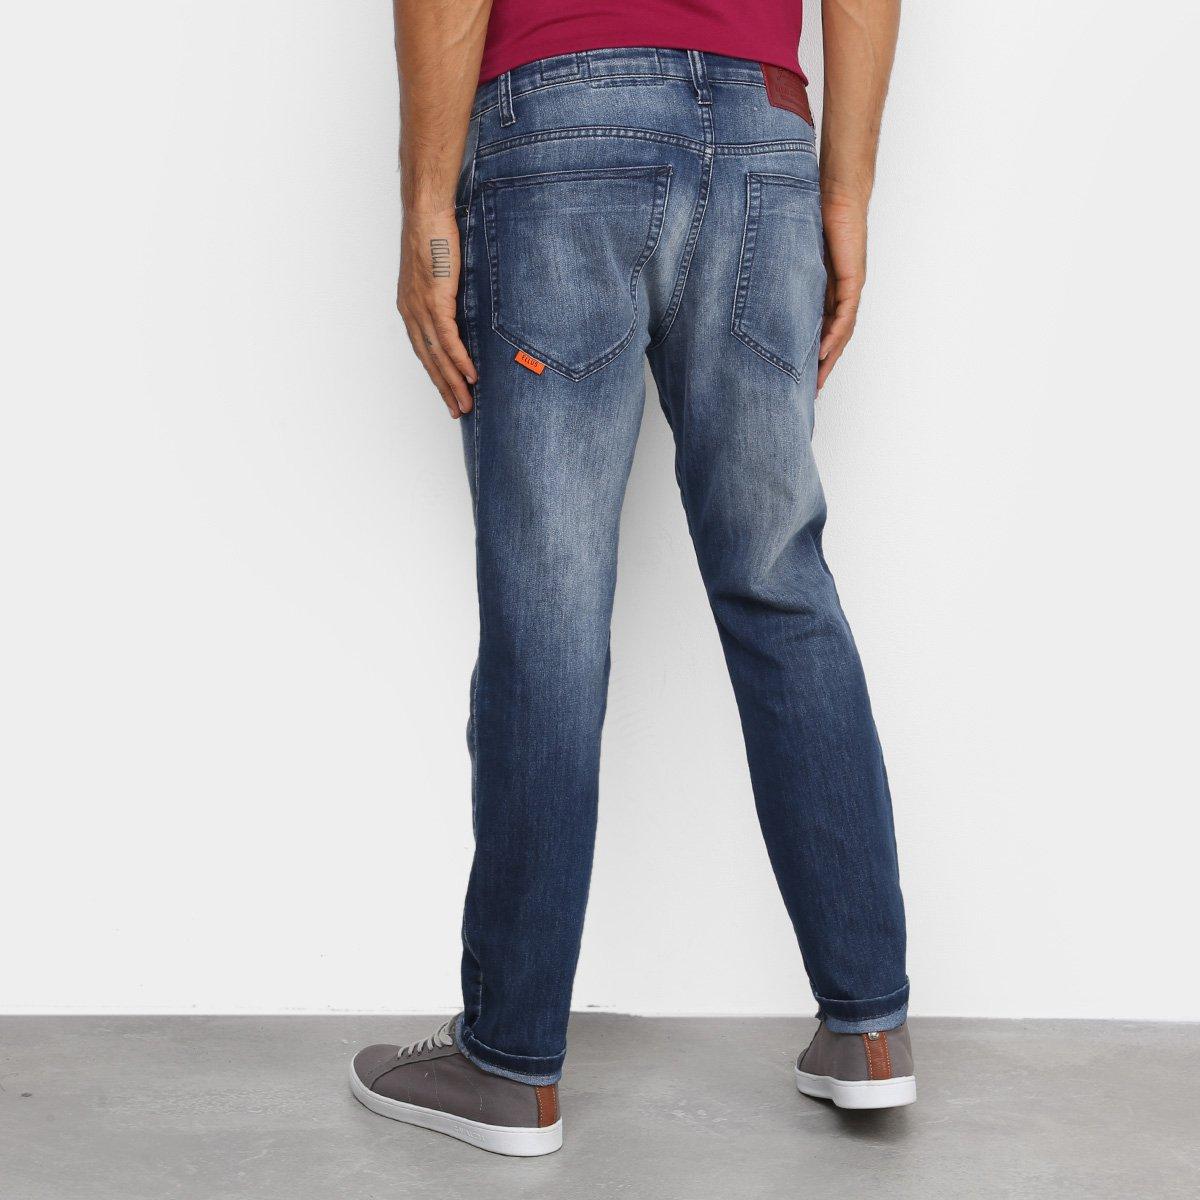 Calça Jeans Ellus Básica Masculina - Azul Escuro